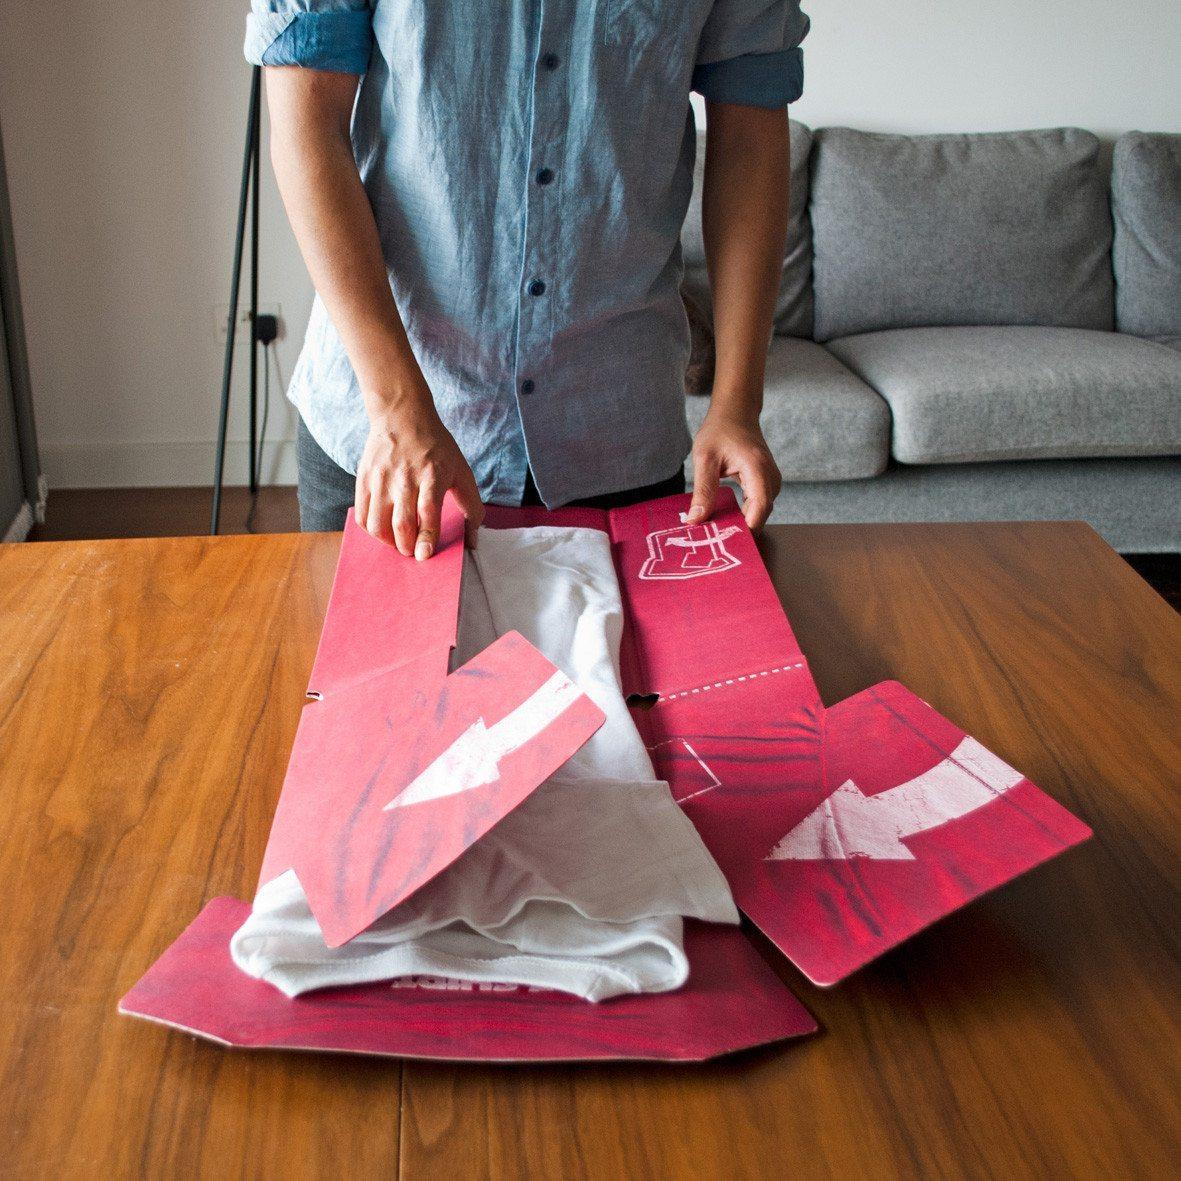 Plegador para camisetas - Pliega tus camisas como un pro